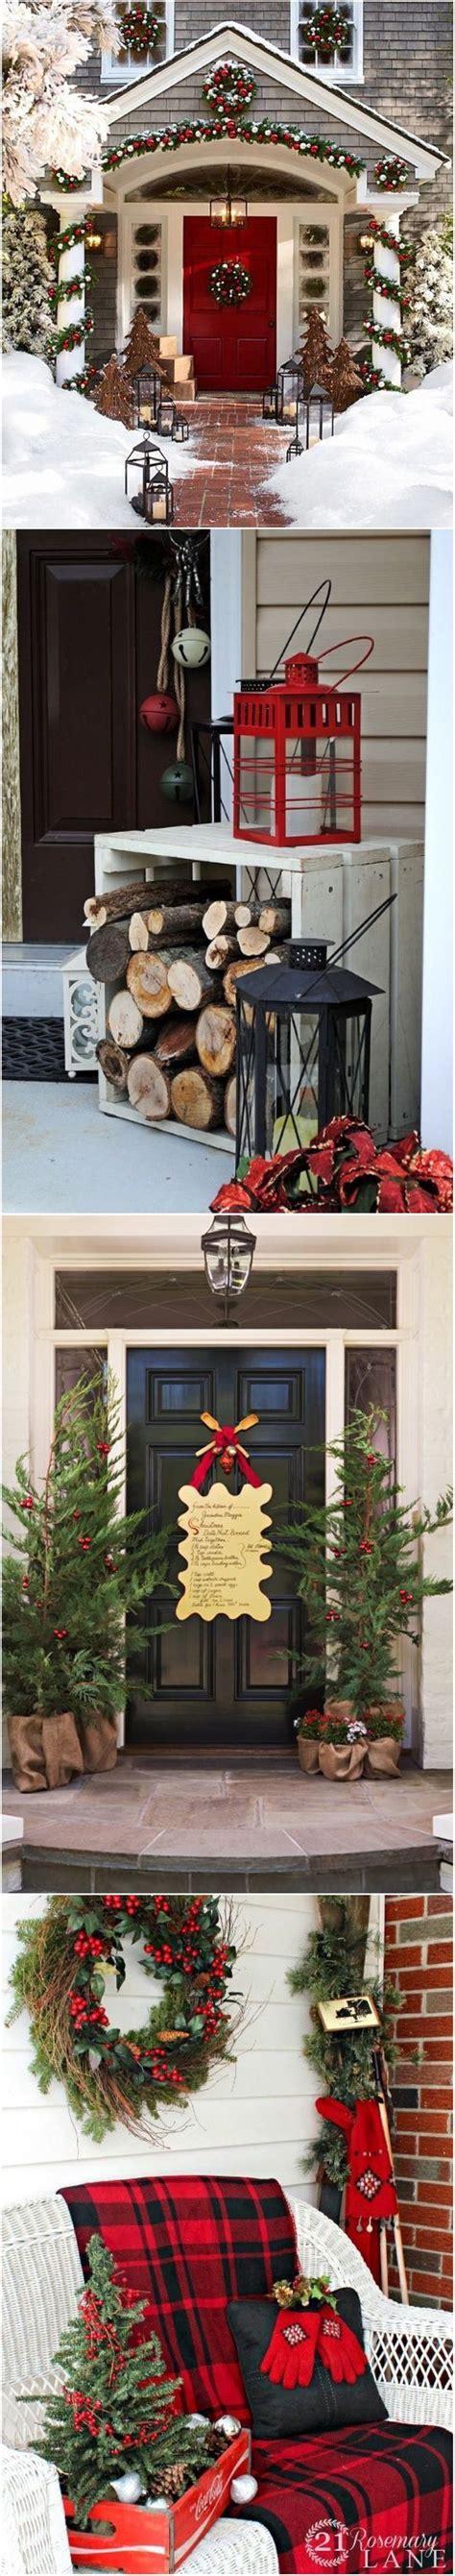 decorating front porches ideas  pinterest